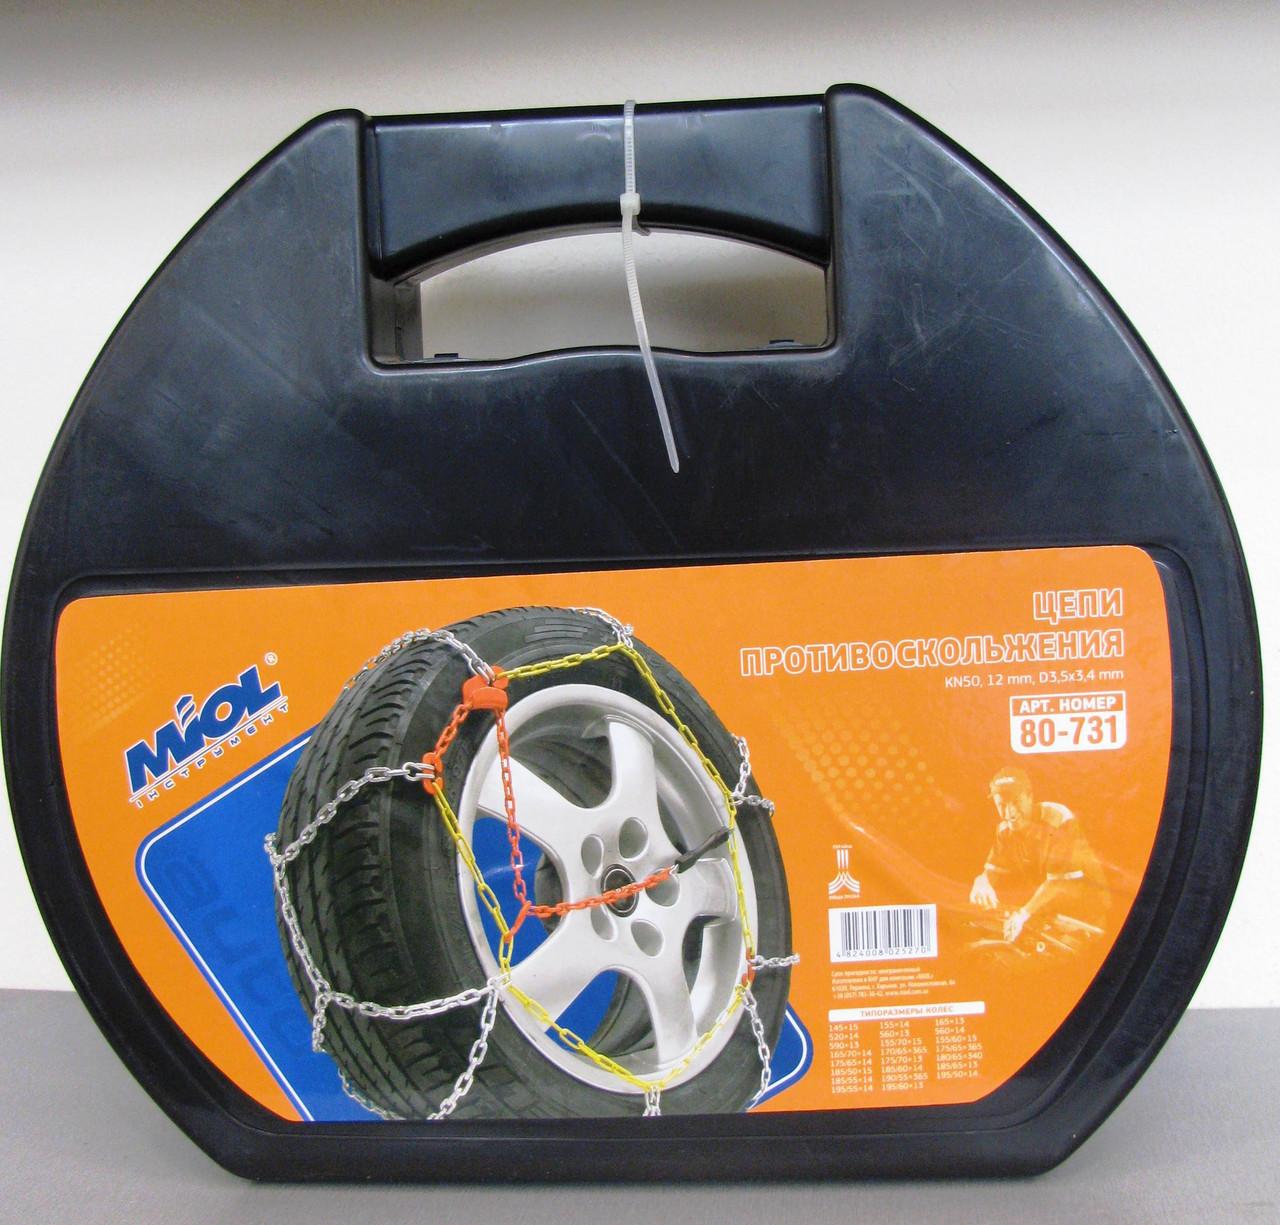 Купить цепи противоскольжения на колеса автомобиля.